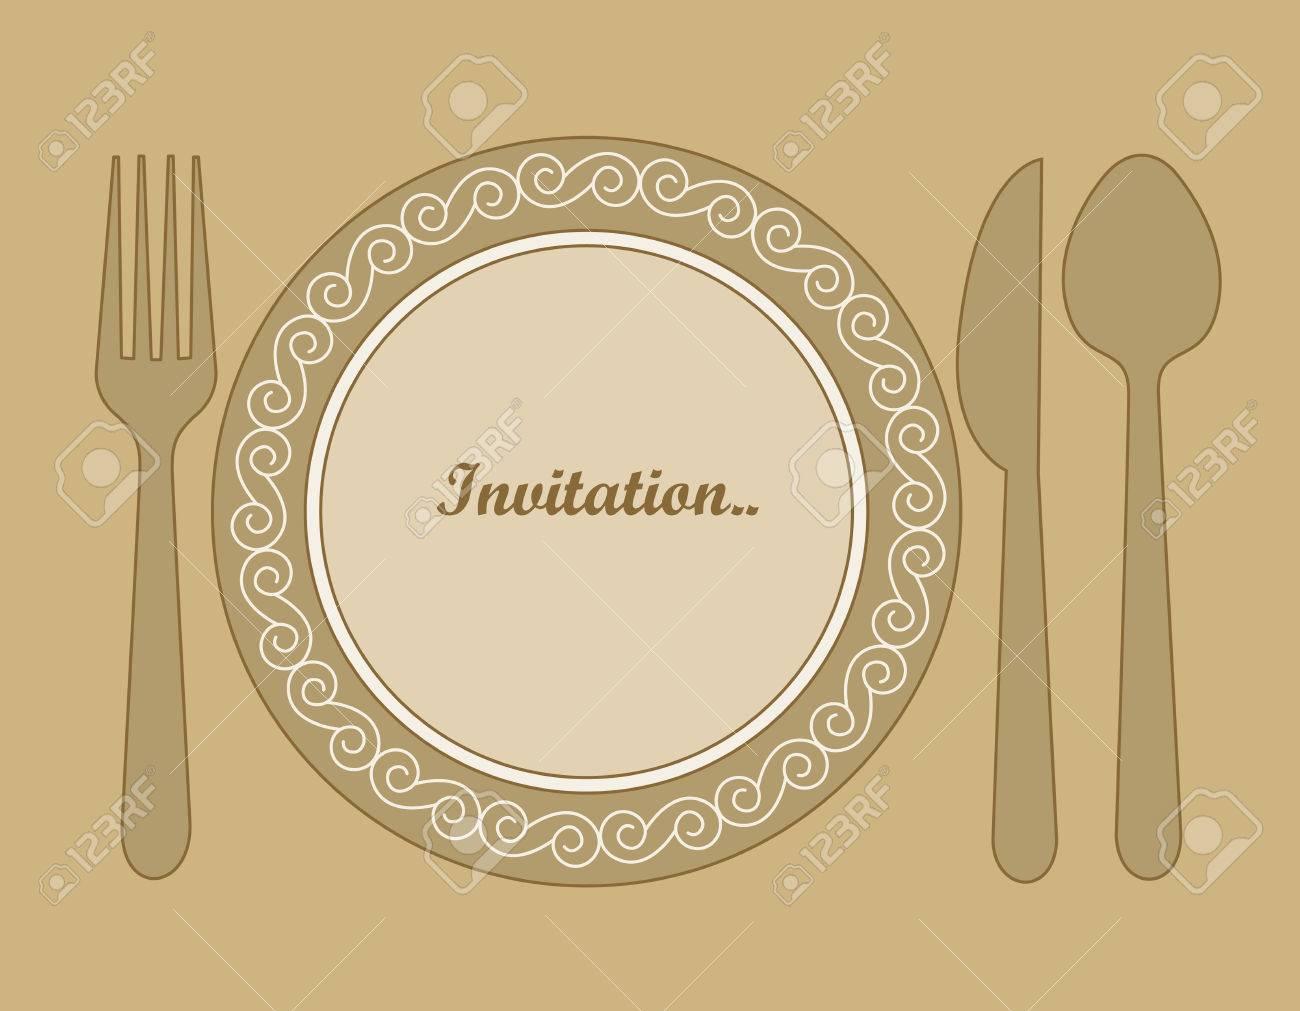 Cena Fondo De La Tarjeta De Invitación Con Cuchara Cuchillo Y Tenedor